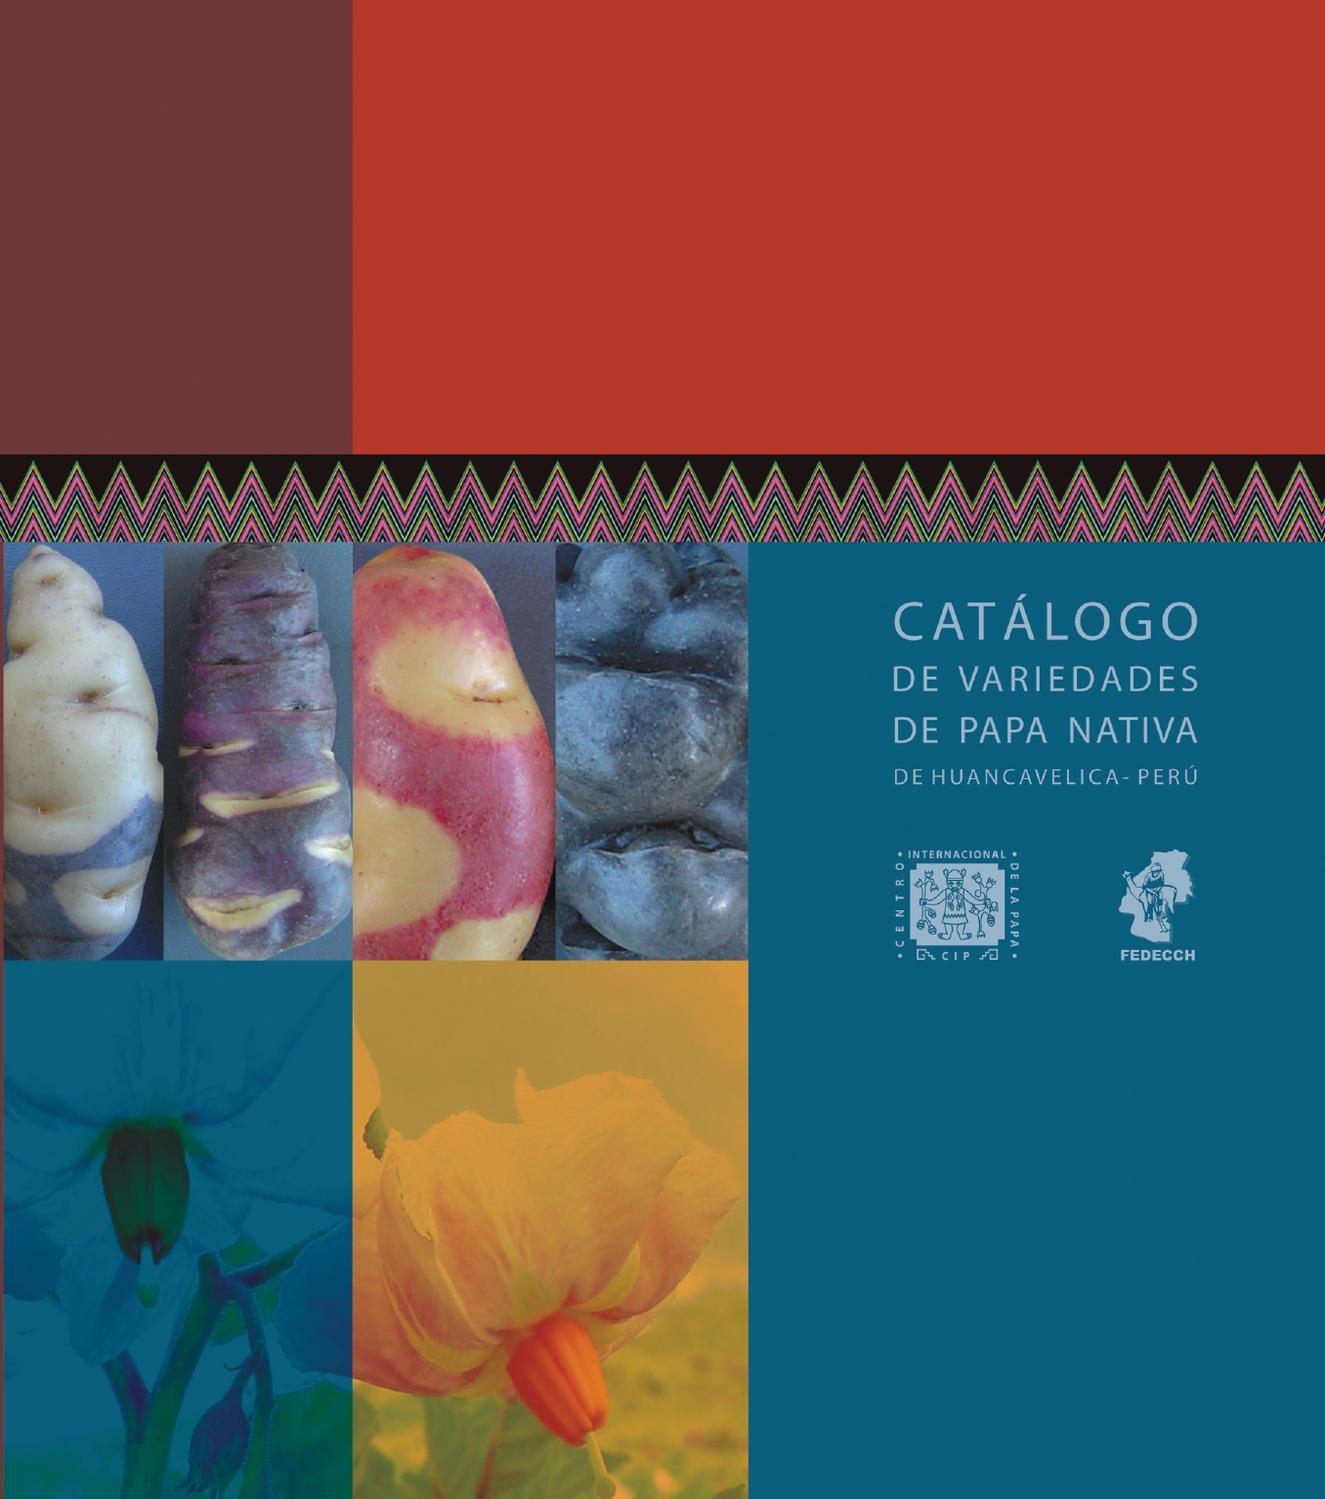 Catálogo de variedades de papa nativa de Huancavelica Perº by International Potato Center issuu